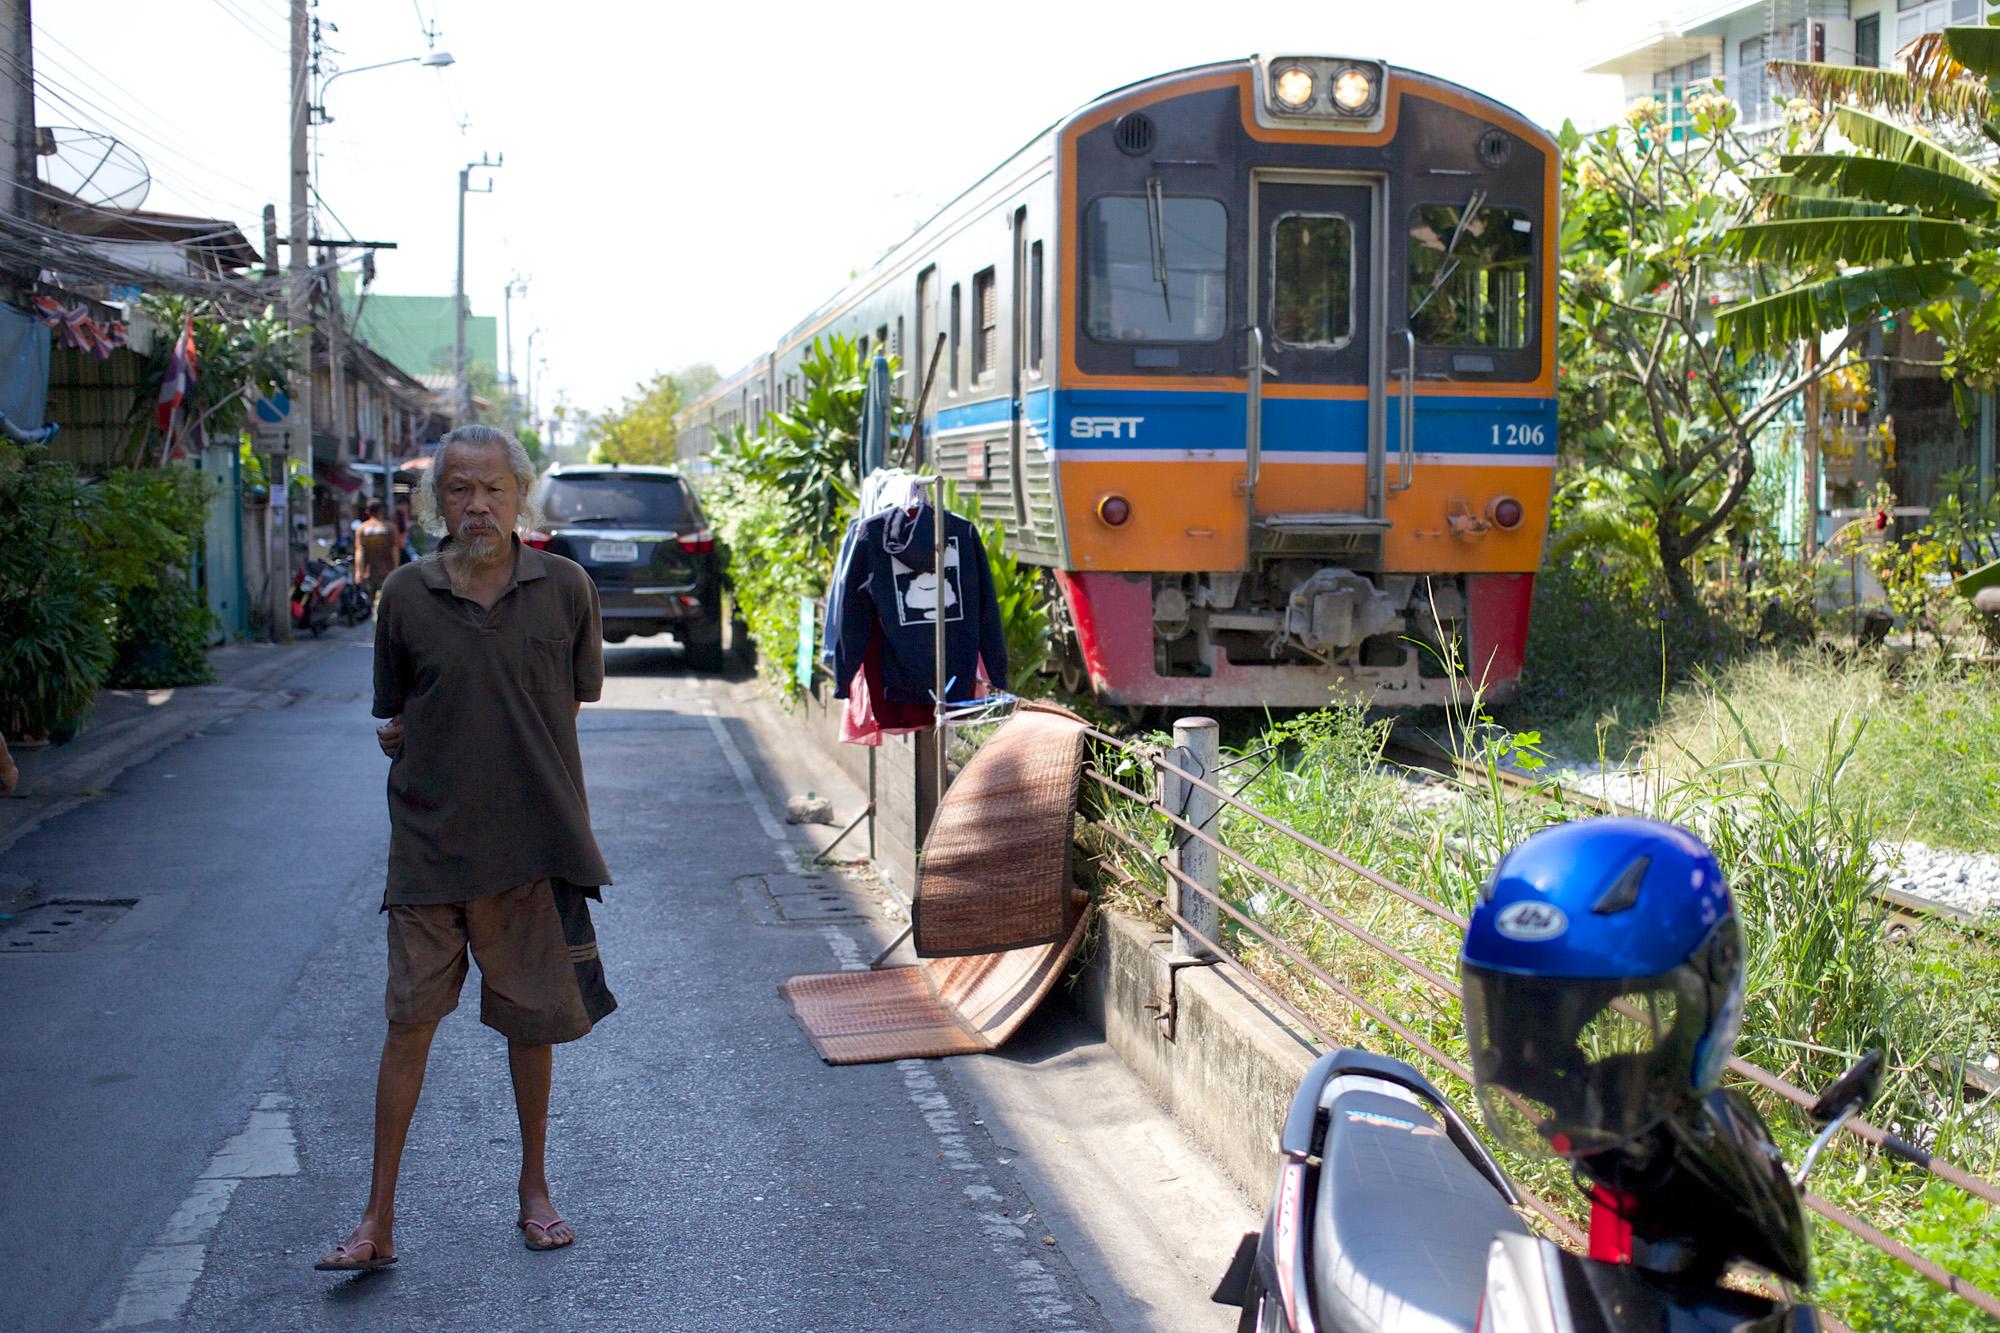 train approaching